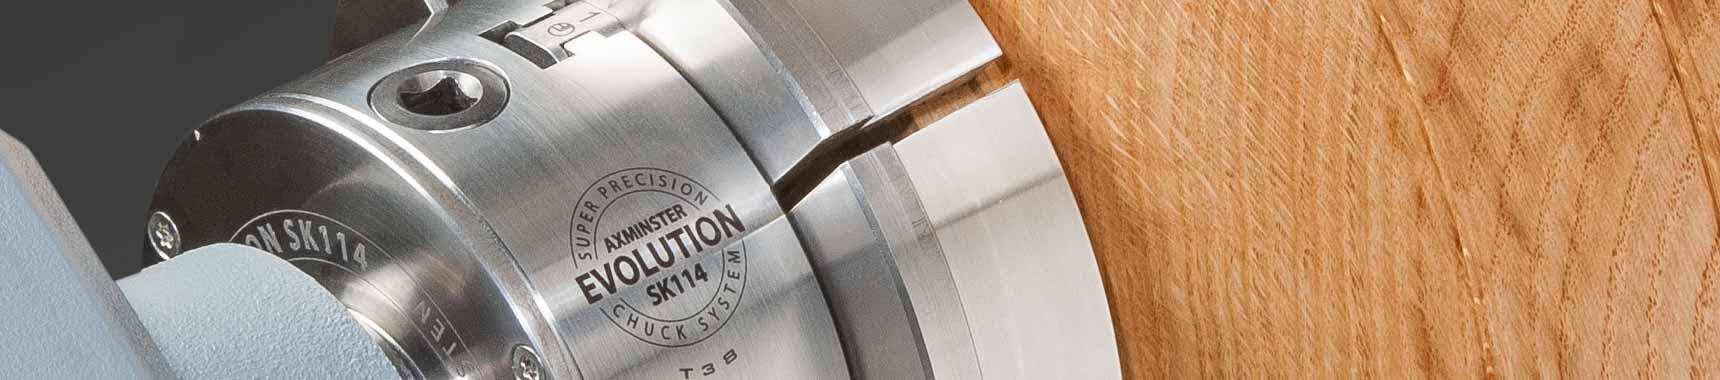 Reverse locking